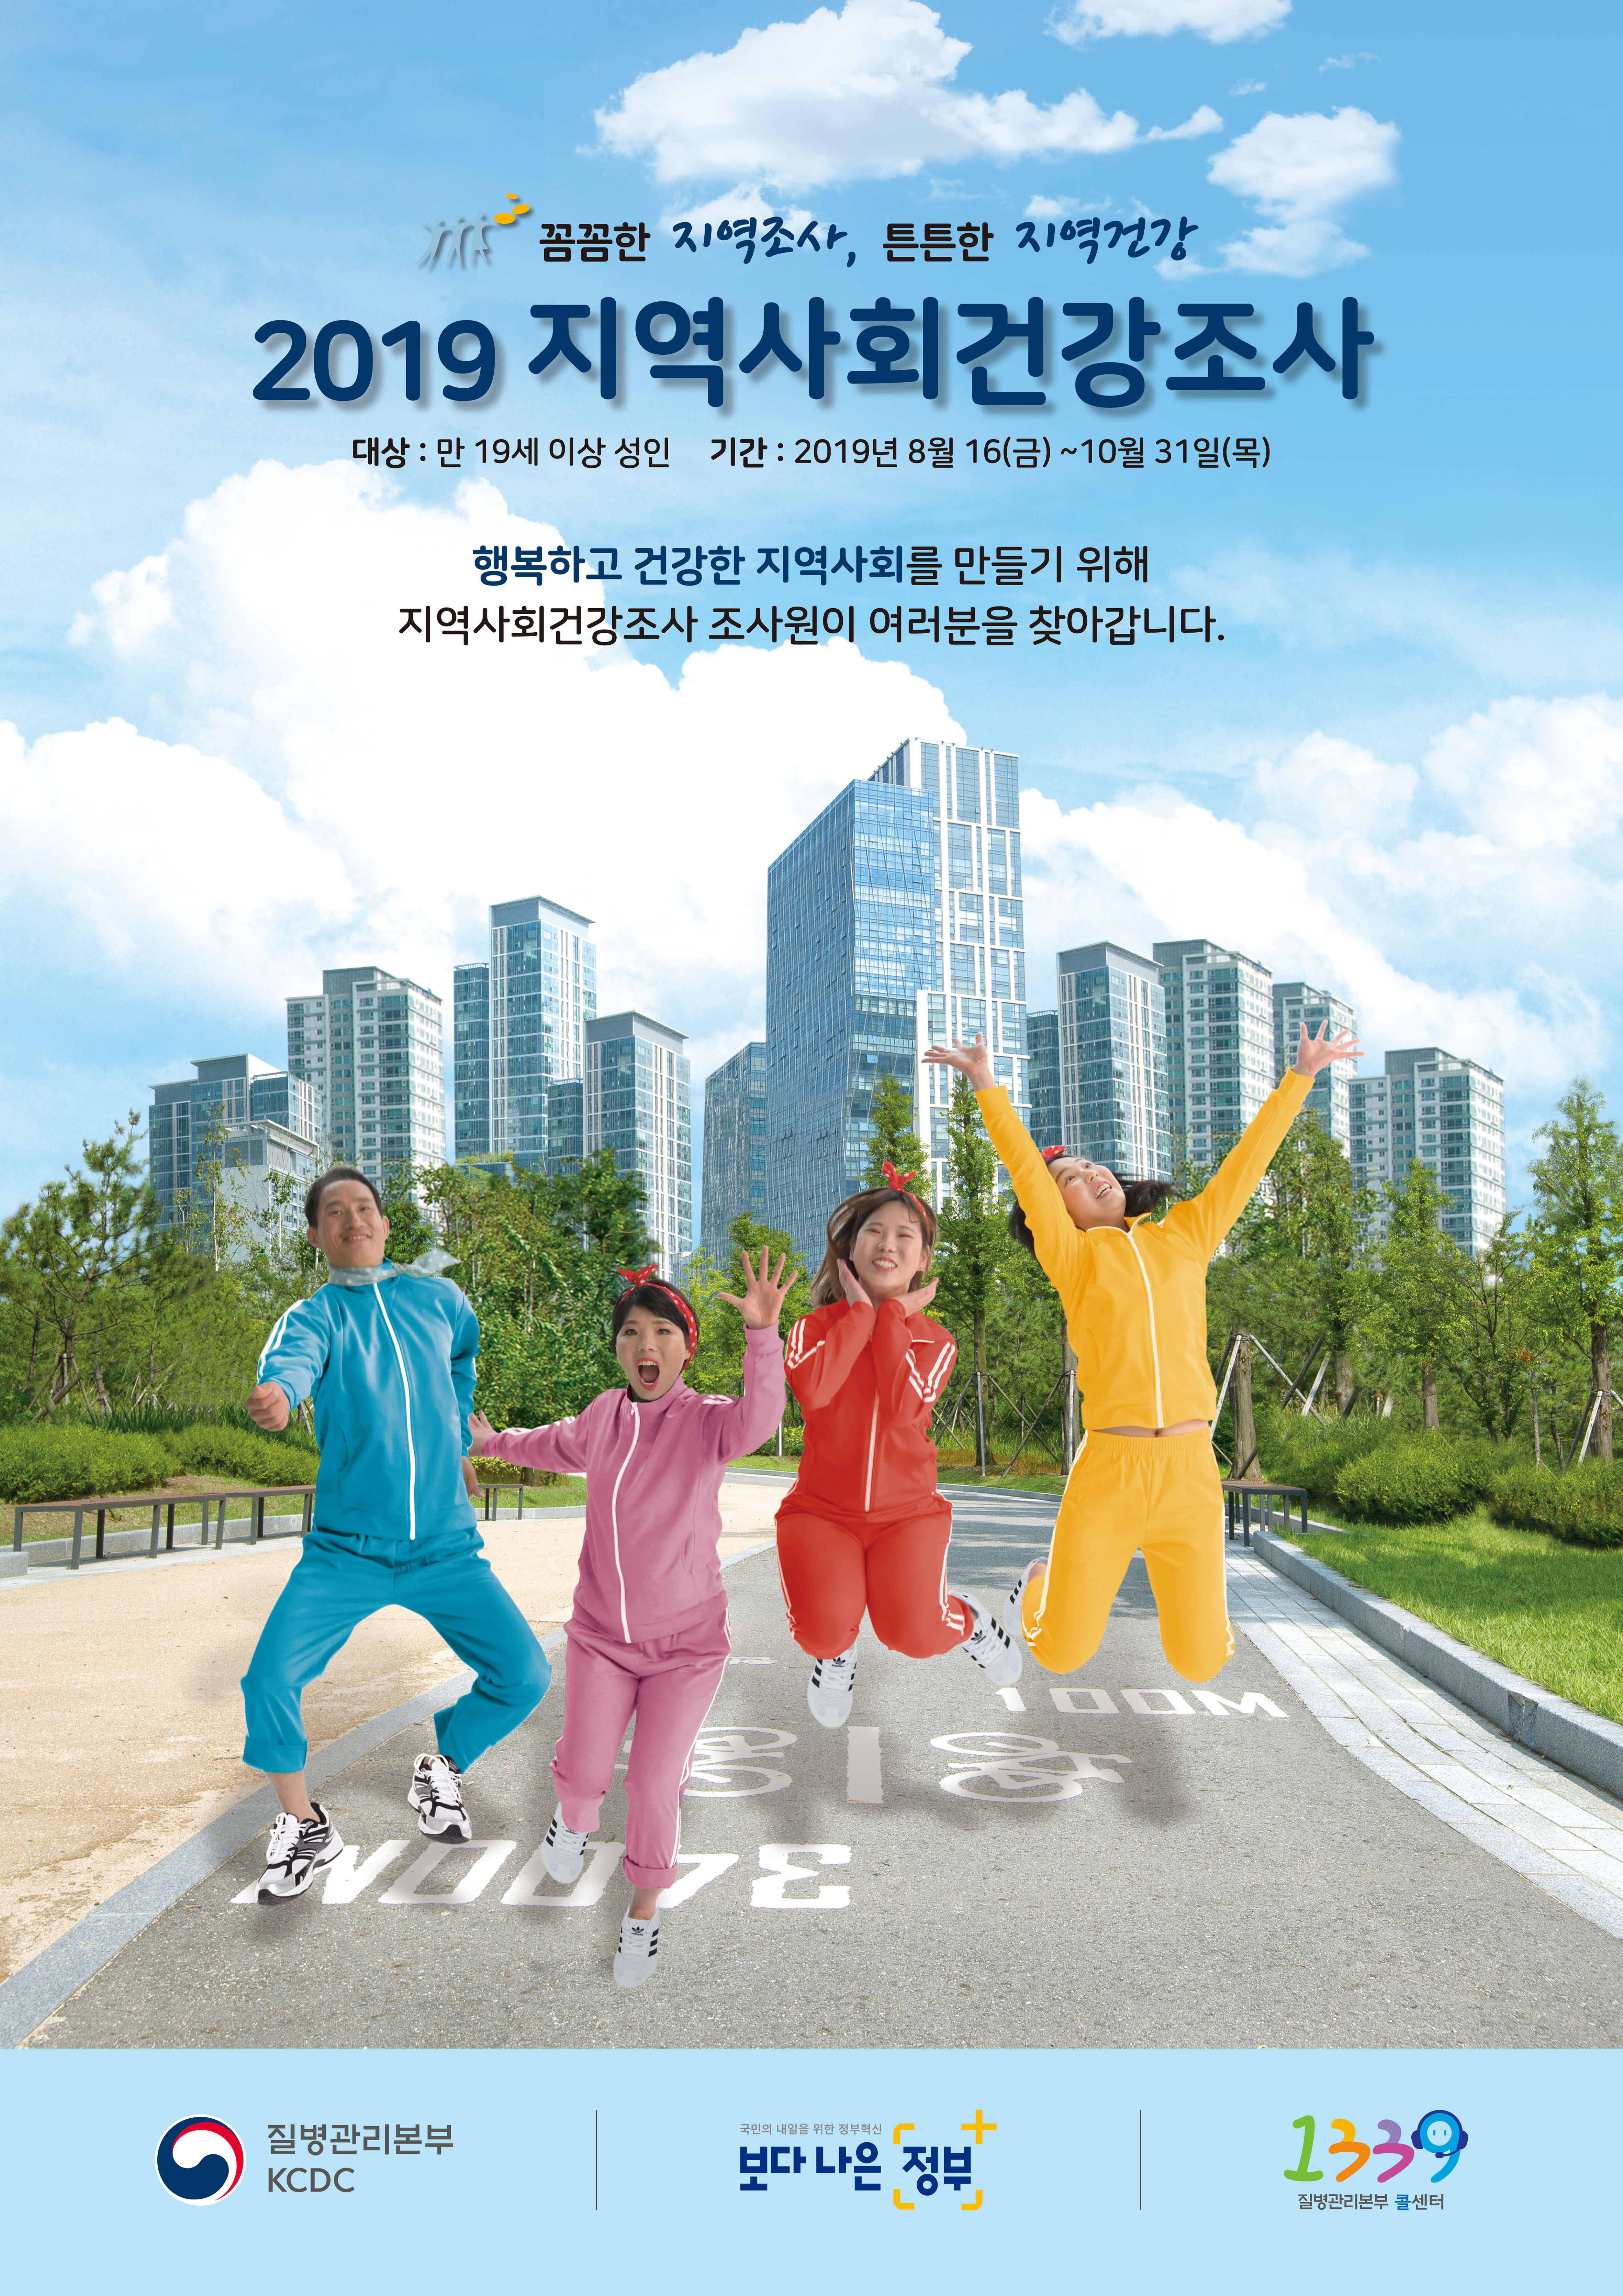 2019 지역사회건강조사 홍보 포스터